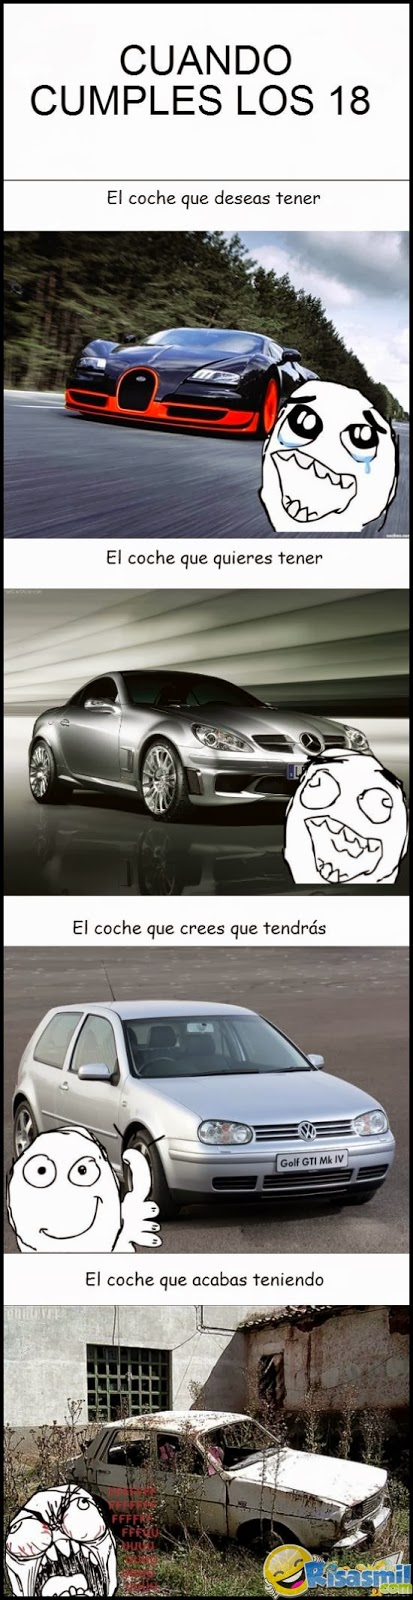 Memes de los coches que crees que vas a tener con 18 años